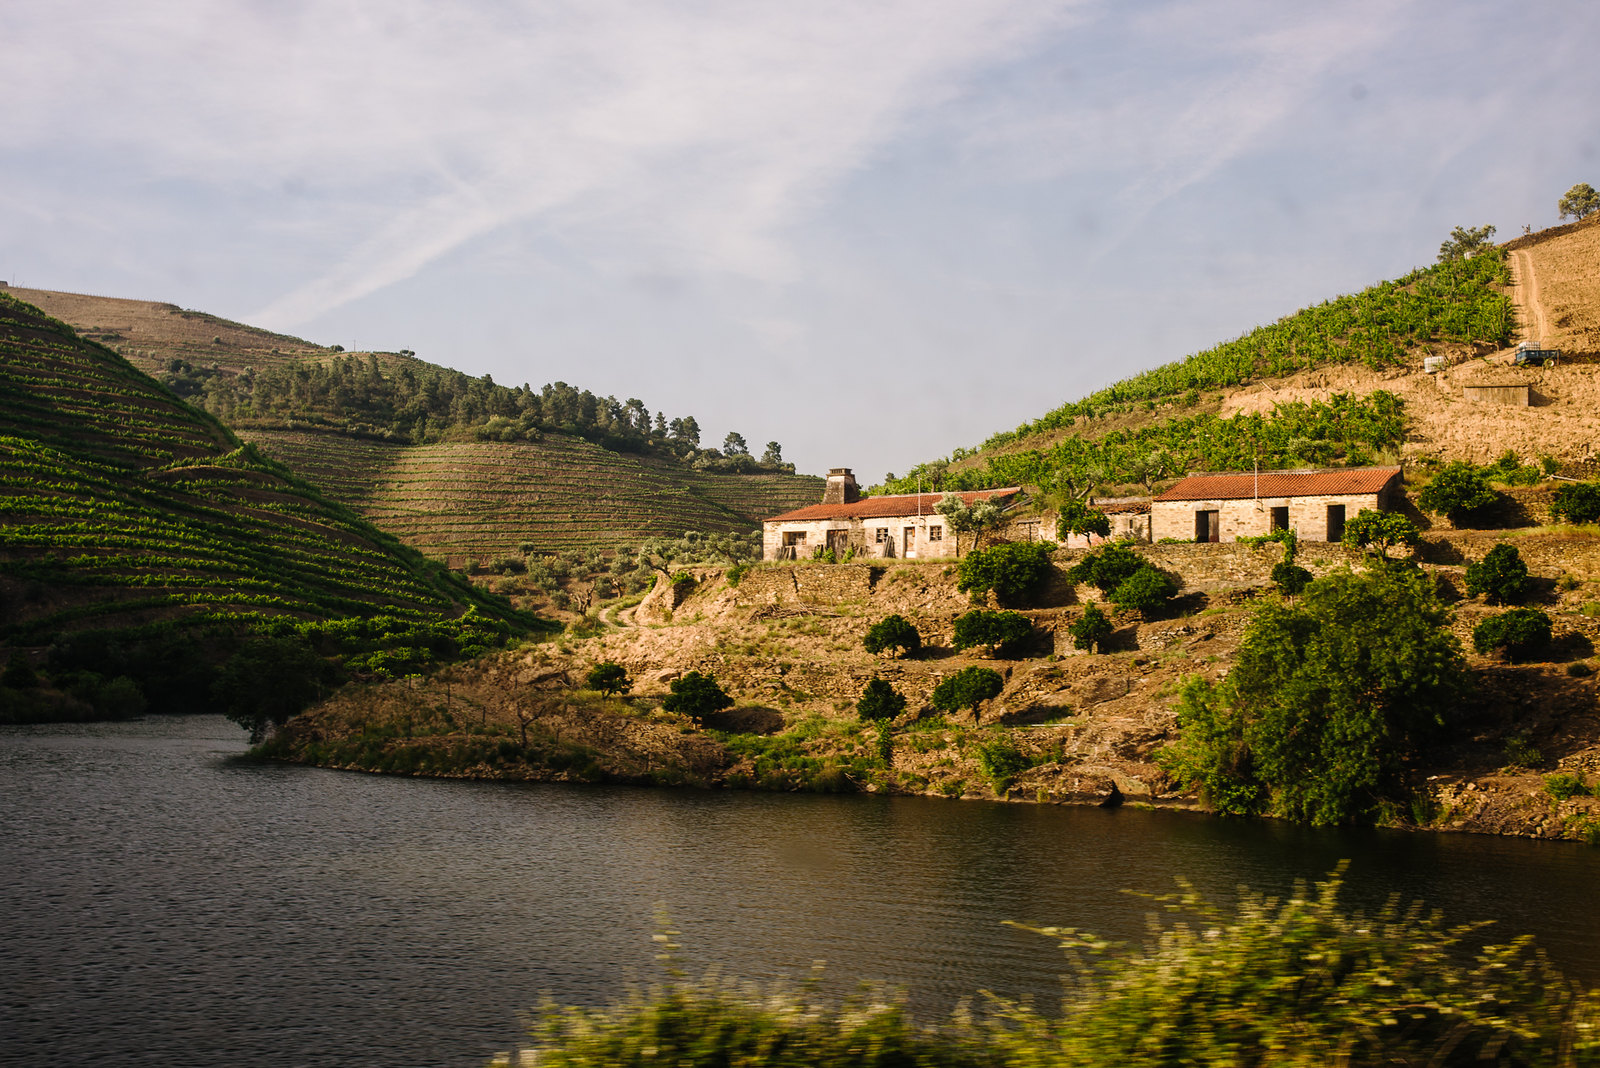 Douro-völgy Portugáliában a lemenő nap fényében